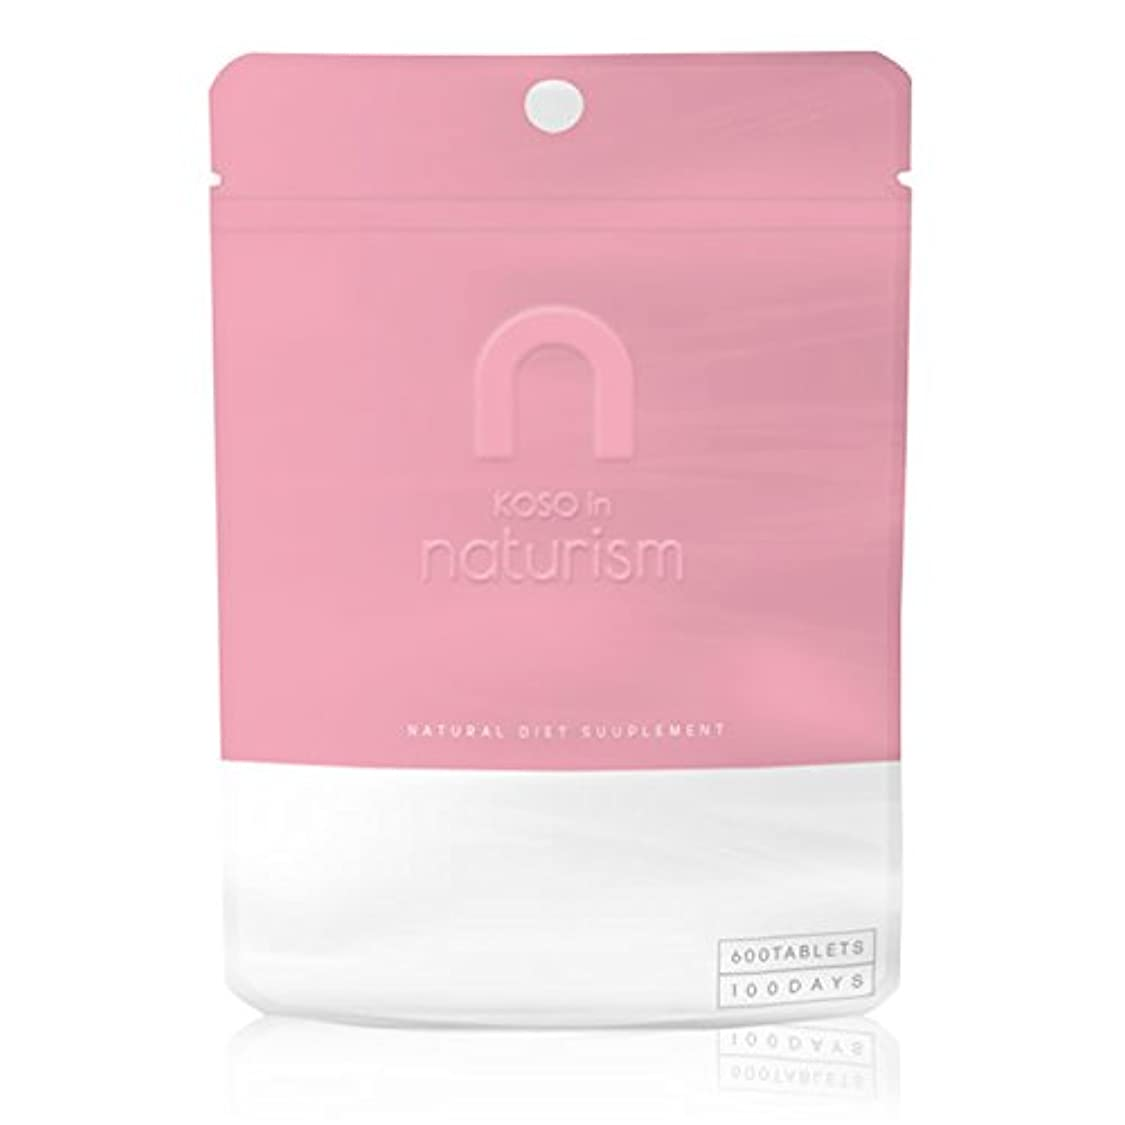 尽きるアセンブリ小康酵素 in ナチュリズム ピンク naturism pink 600粒入 約100日分 [健康補助食品]koso in